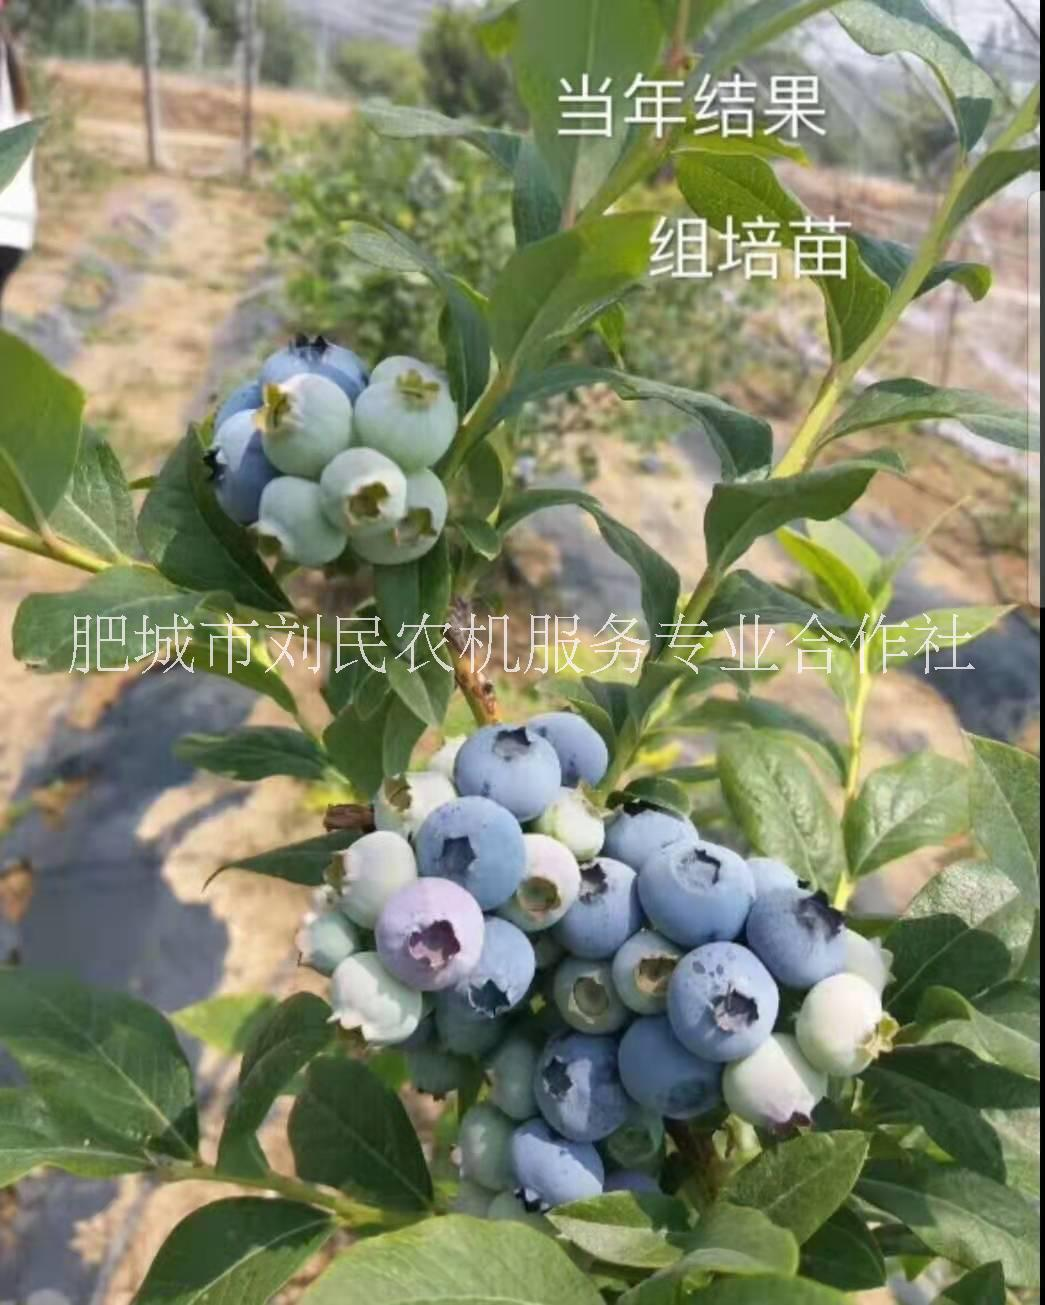 极丰产蓝莓 口味甜 抗寒 组培蓝莓苗 蓝莓价格 蓝莓品种 蓝莓苗苏斯兰